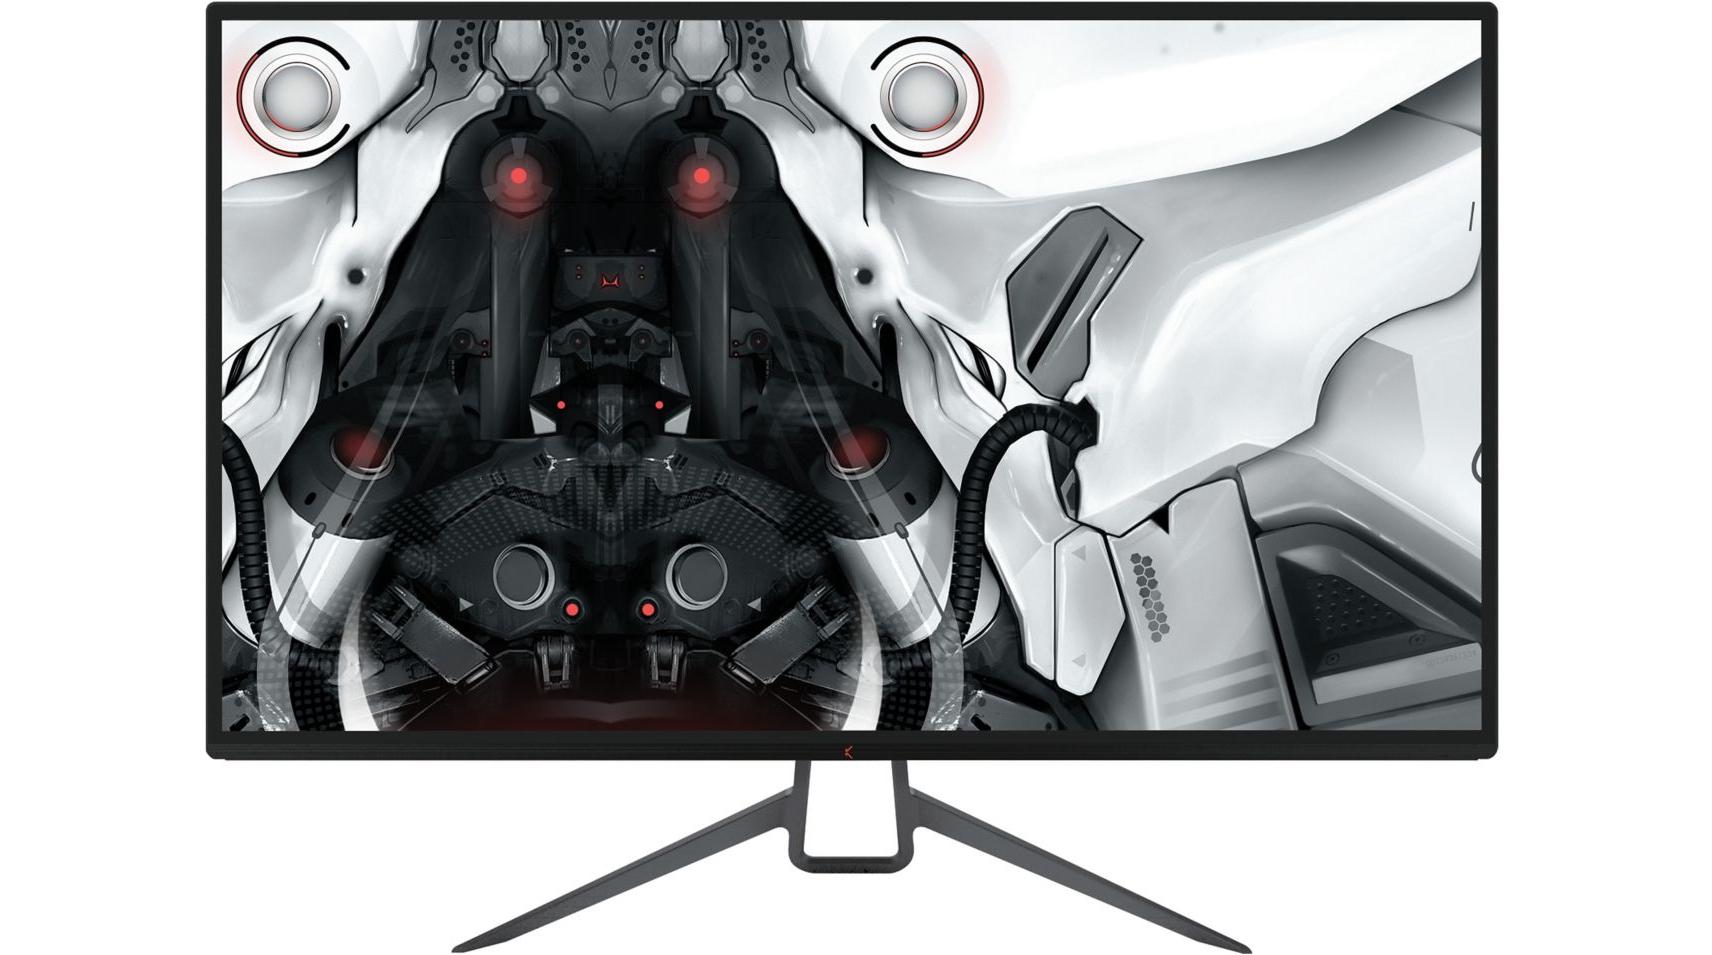 """Ecran PC 32"""" Skillkorp SKP_E20-32 - LED, Full HD, Dalle VA, 144 Hz, 2 ms (+ 31.50€ en SuperPoints) - Boulanger (186.89€ via Google Shopping)"""